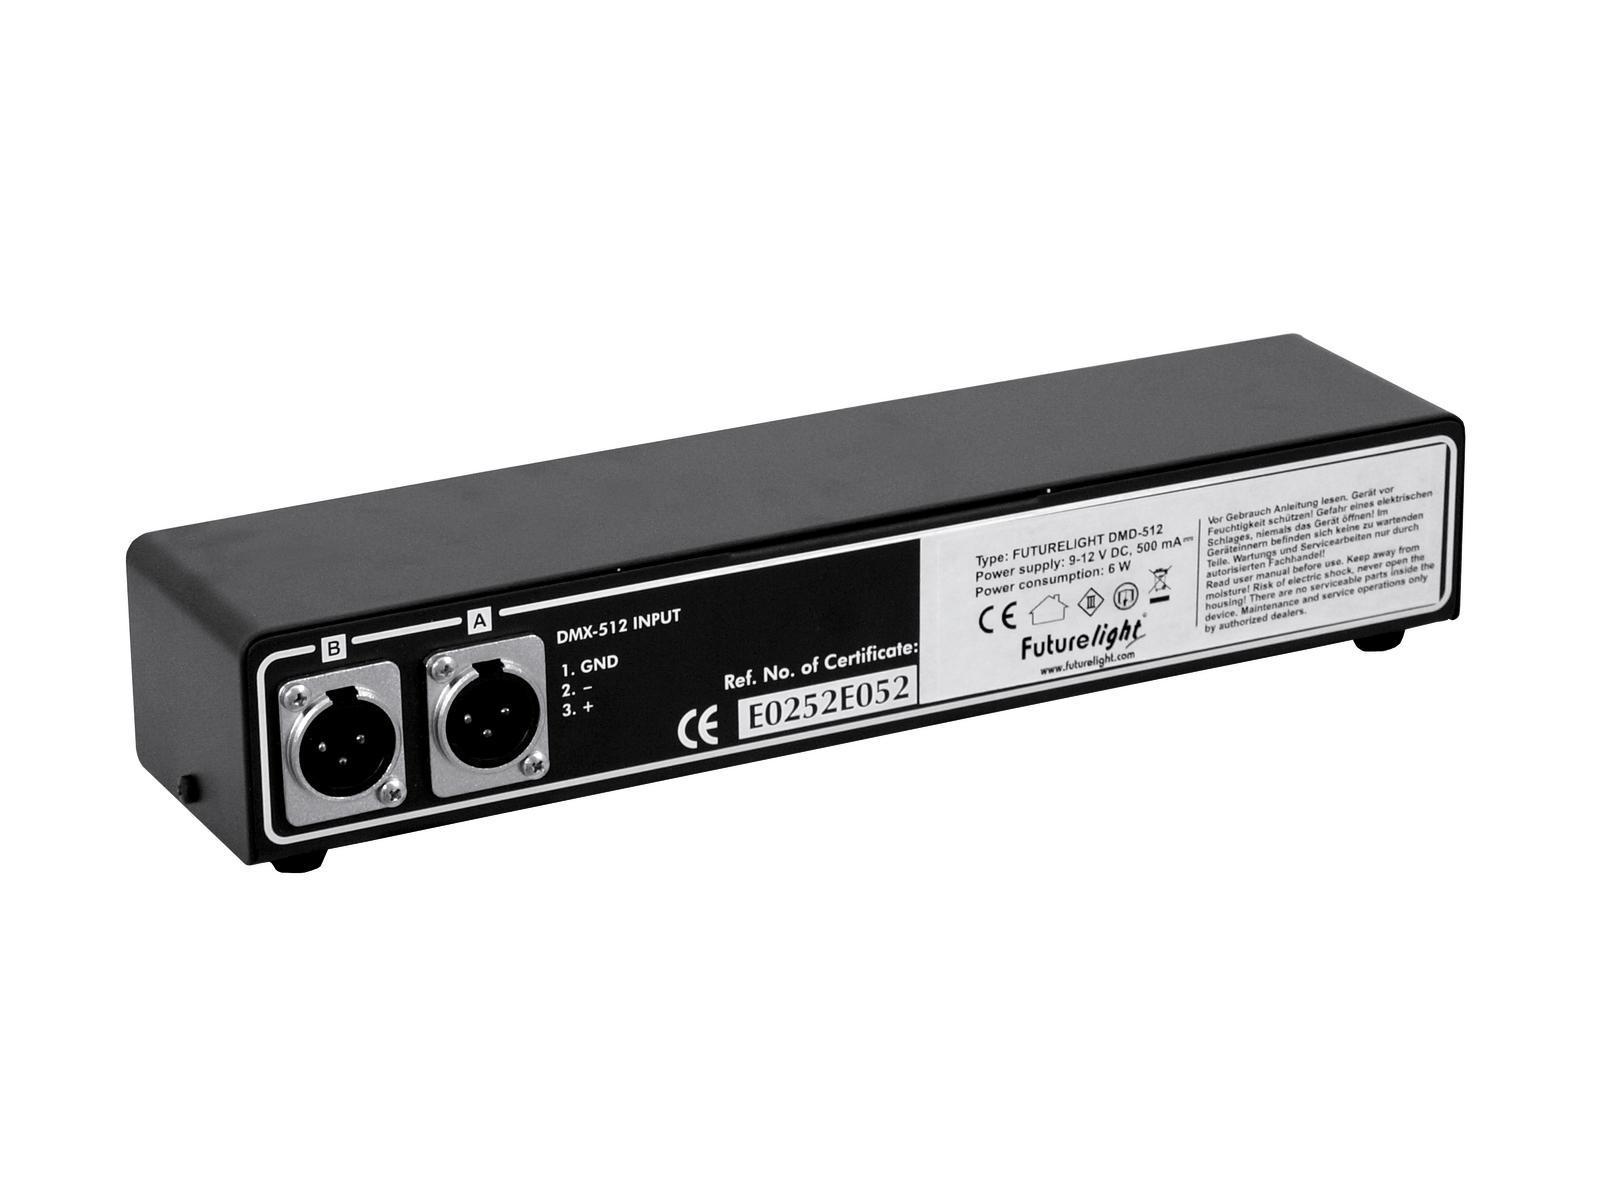 FUTURELIGHT DMD-512 DMX Monitortreiber